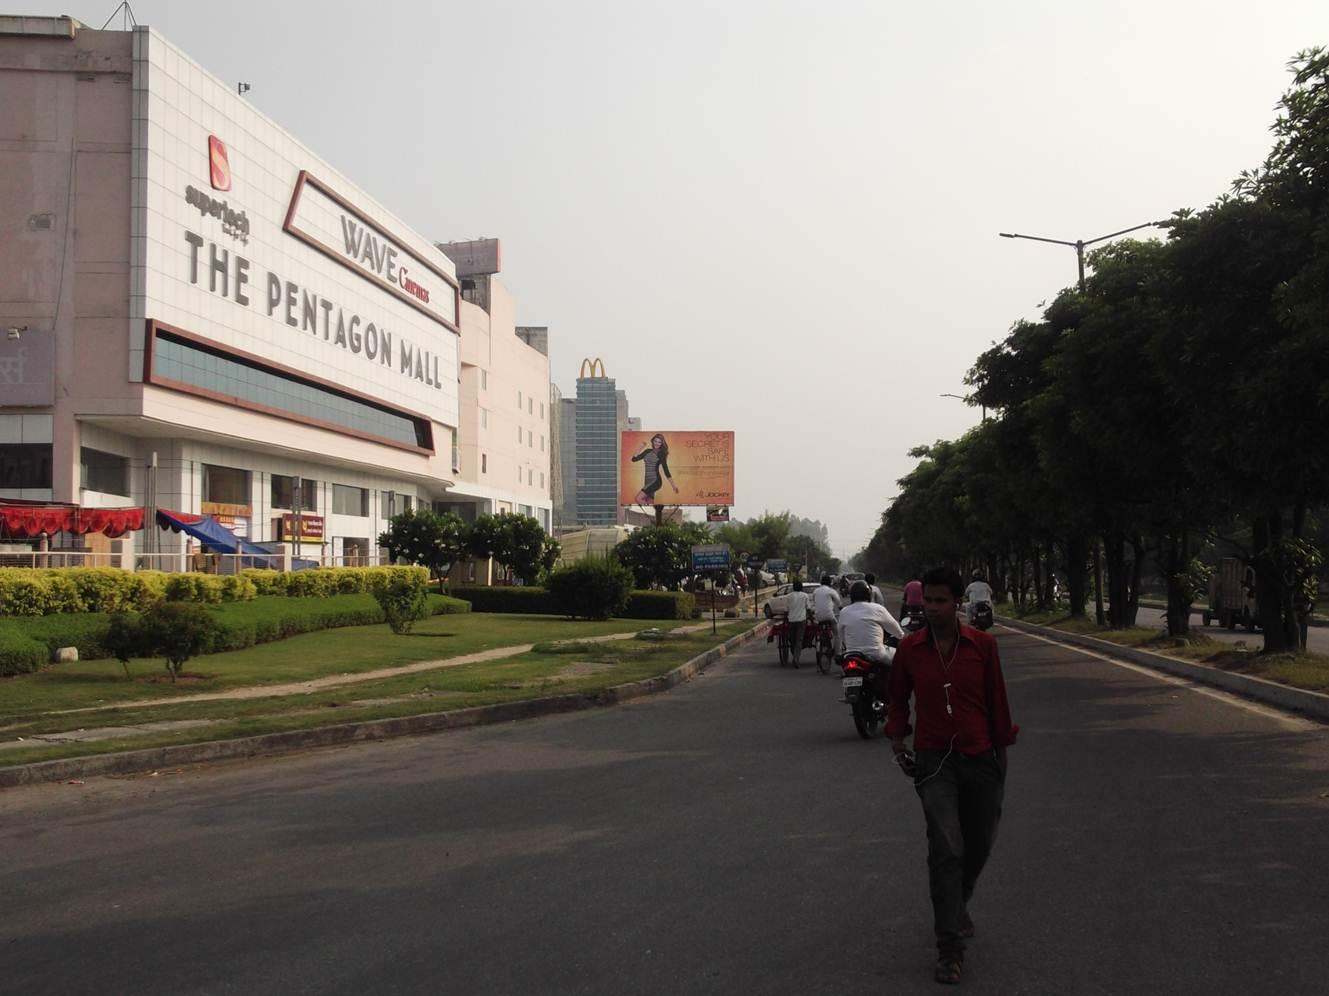 Pentagon Mall Opp. Dominos, Haridwar